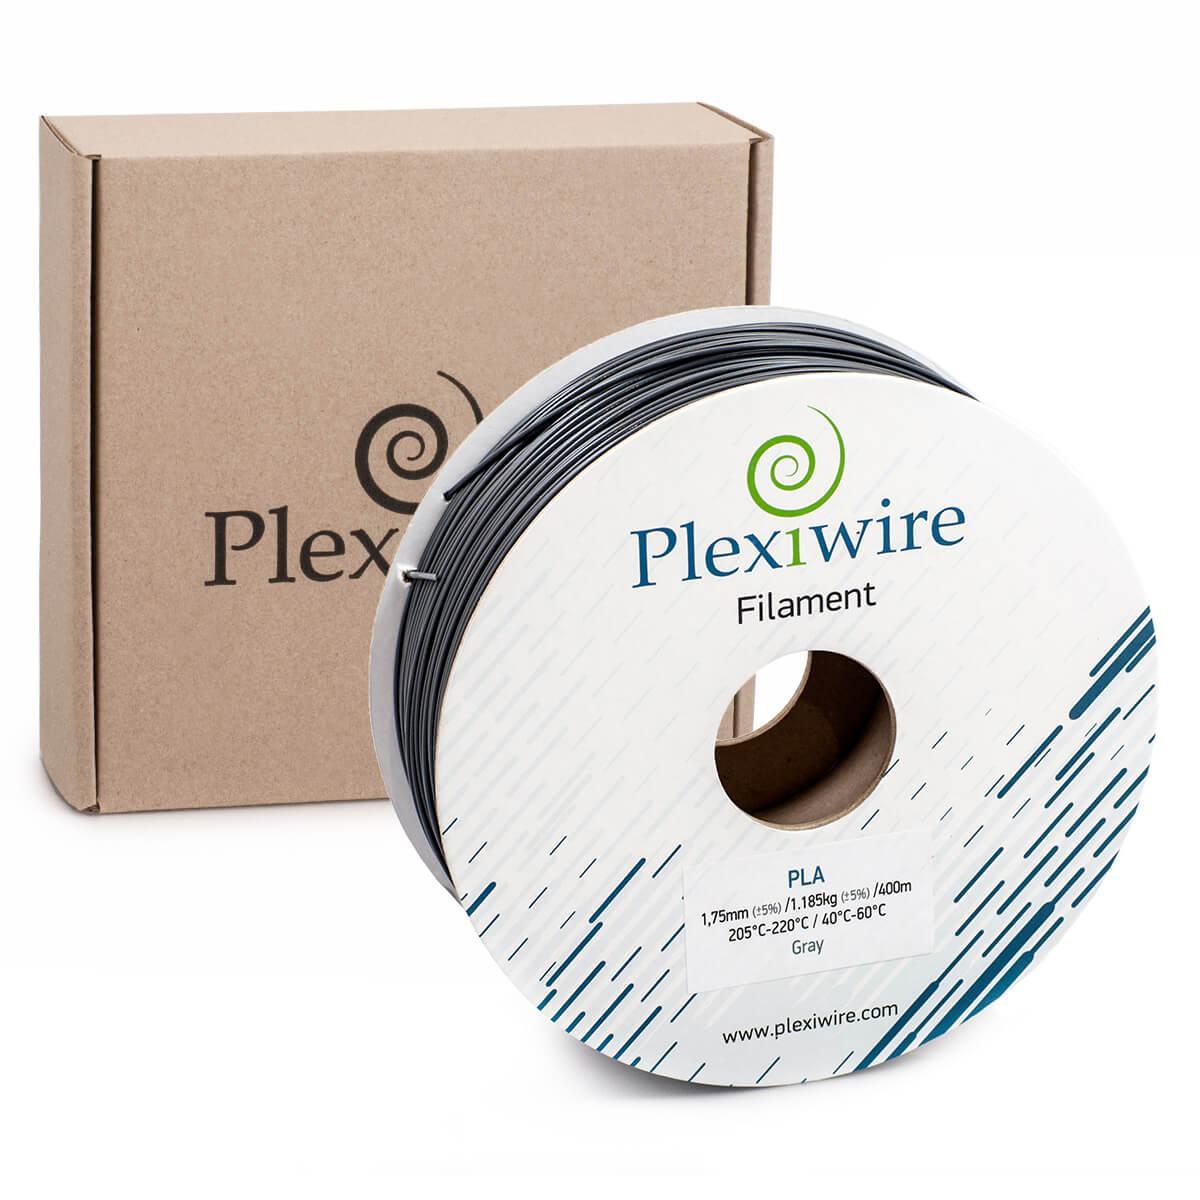 PLA пластик для 3D принтера 1.75 мм Сірий (400 м / 1.185 кг)